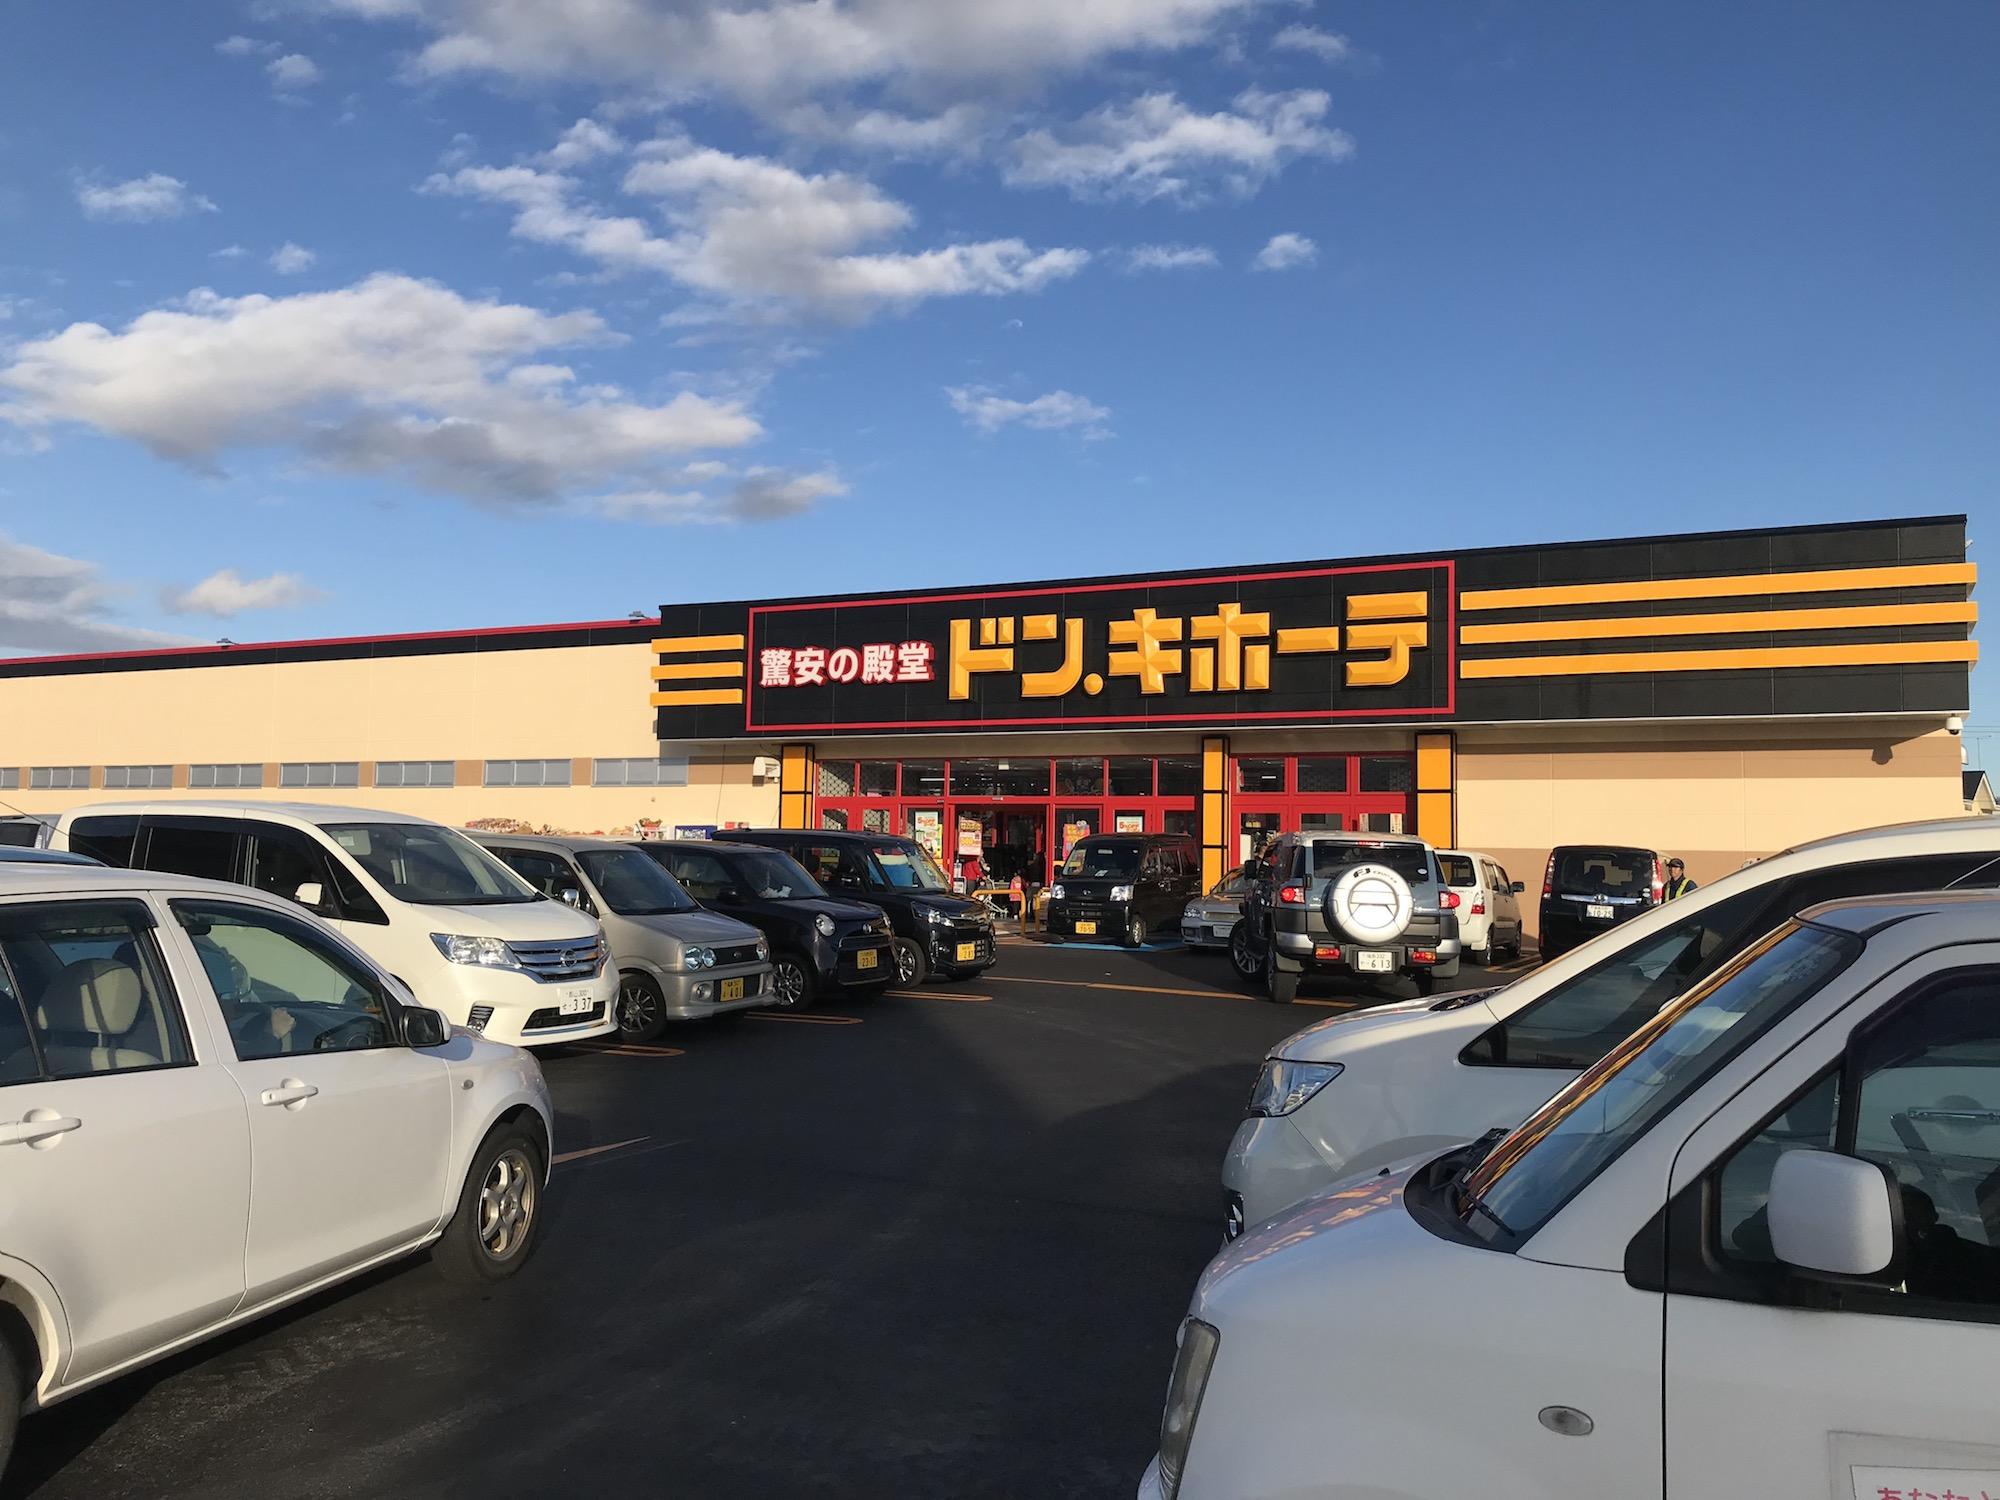 福島 市 ドンキホーテ